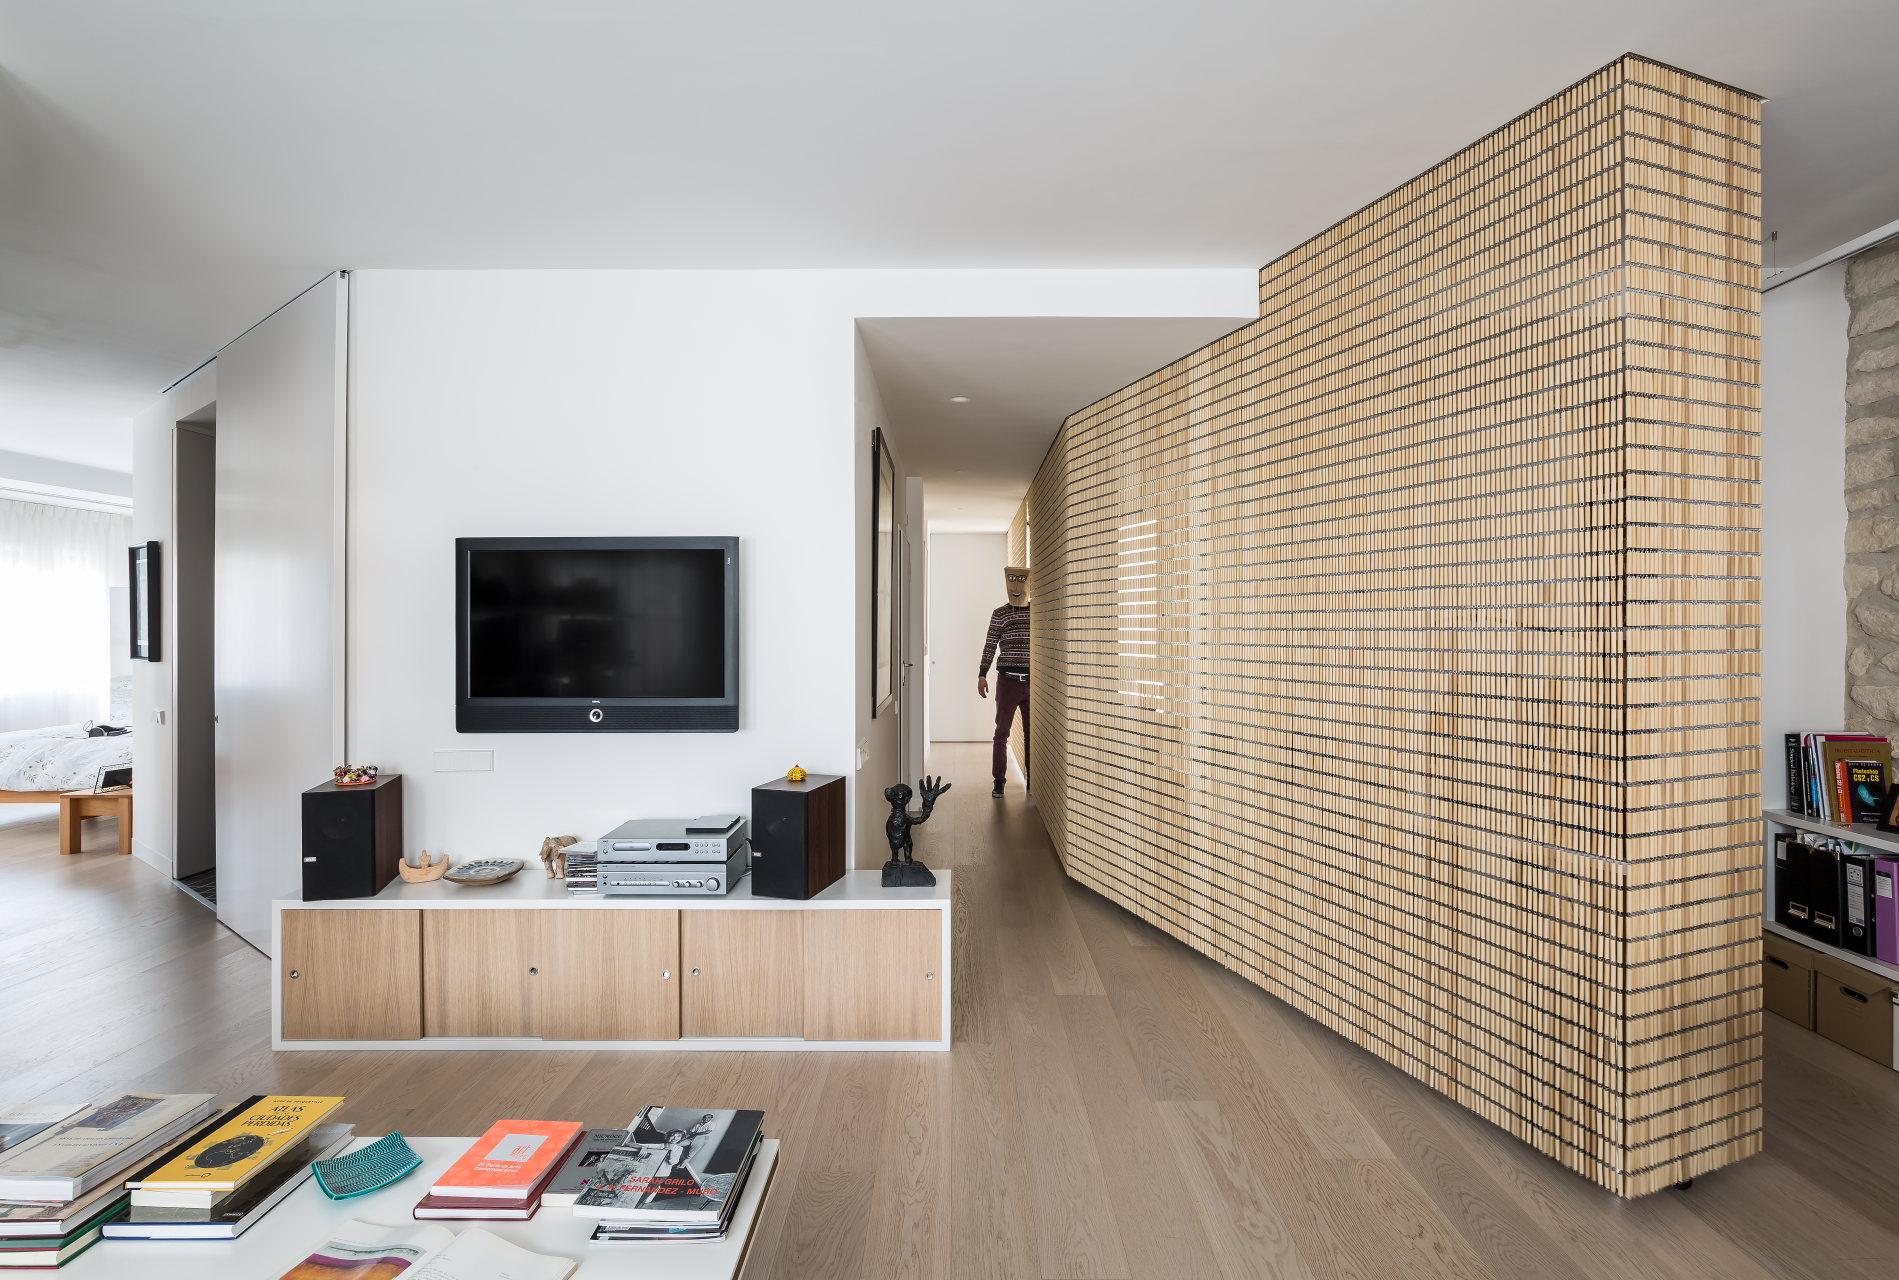 fotografia-arquitectura-valencia-german-cabo-selecta-home-alicante (2)